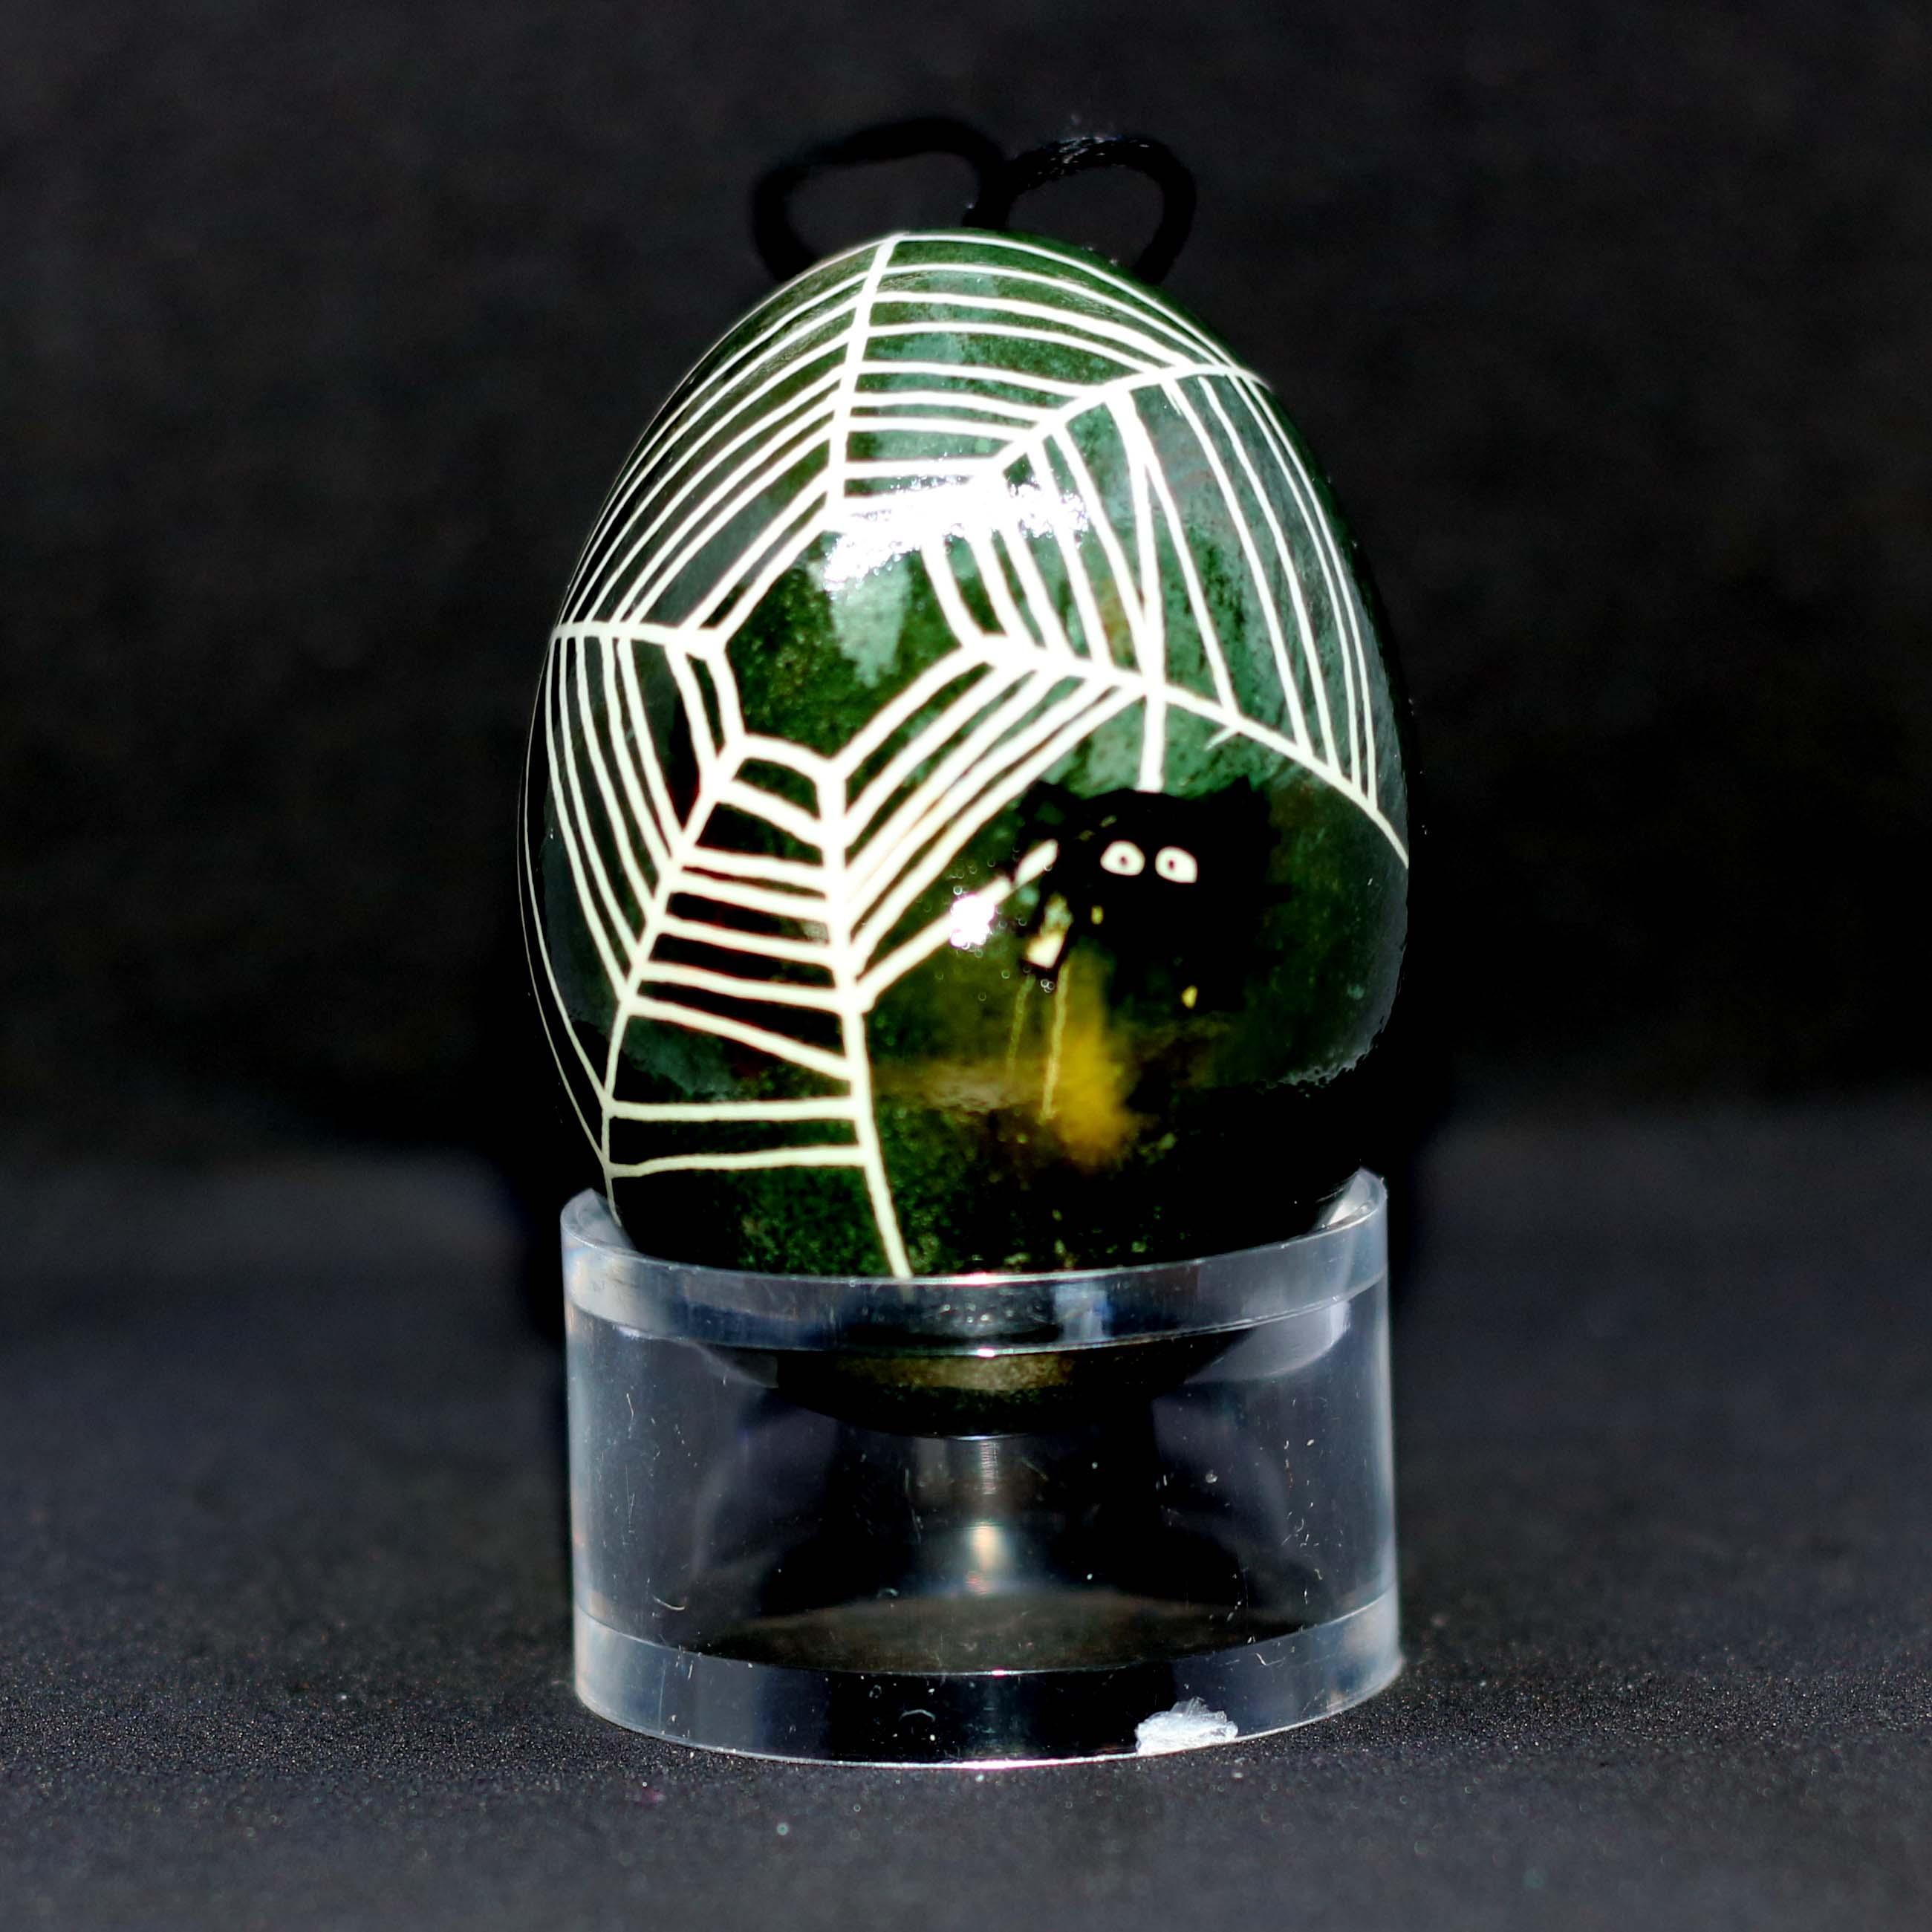 Egg_spider_green_1